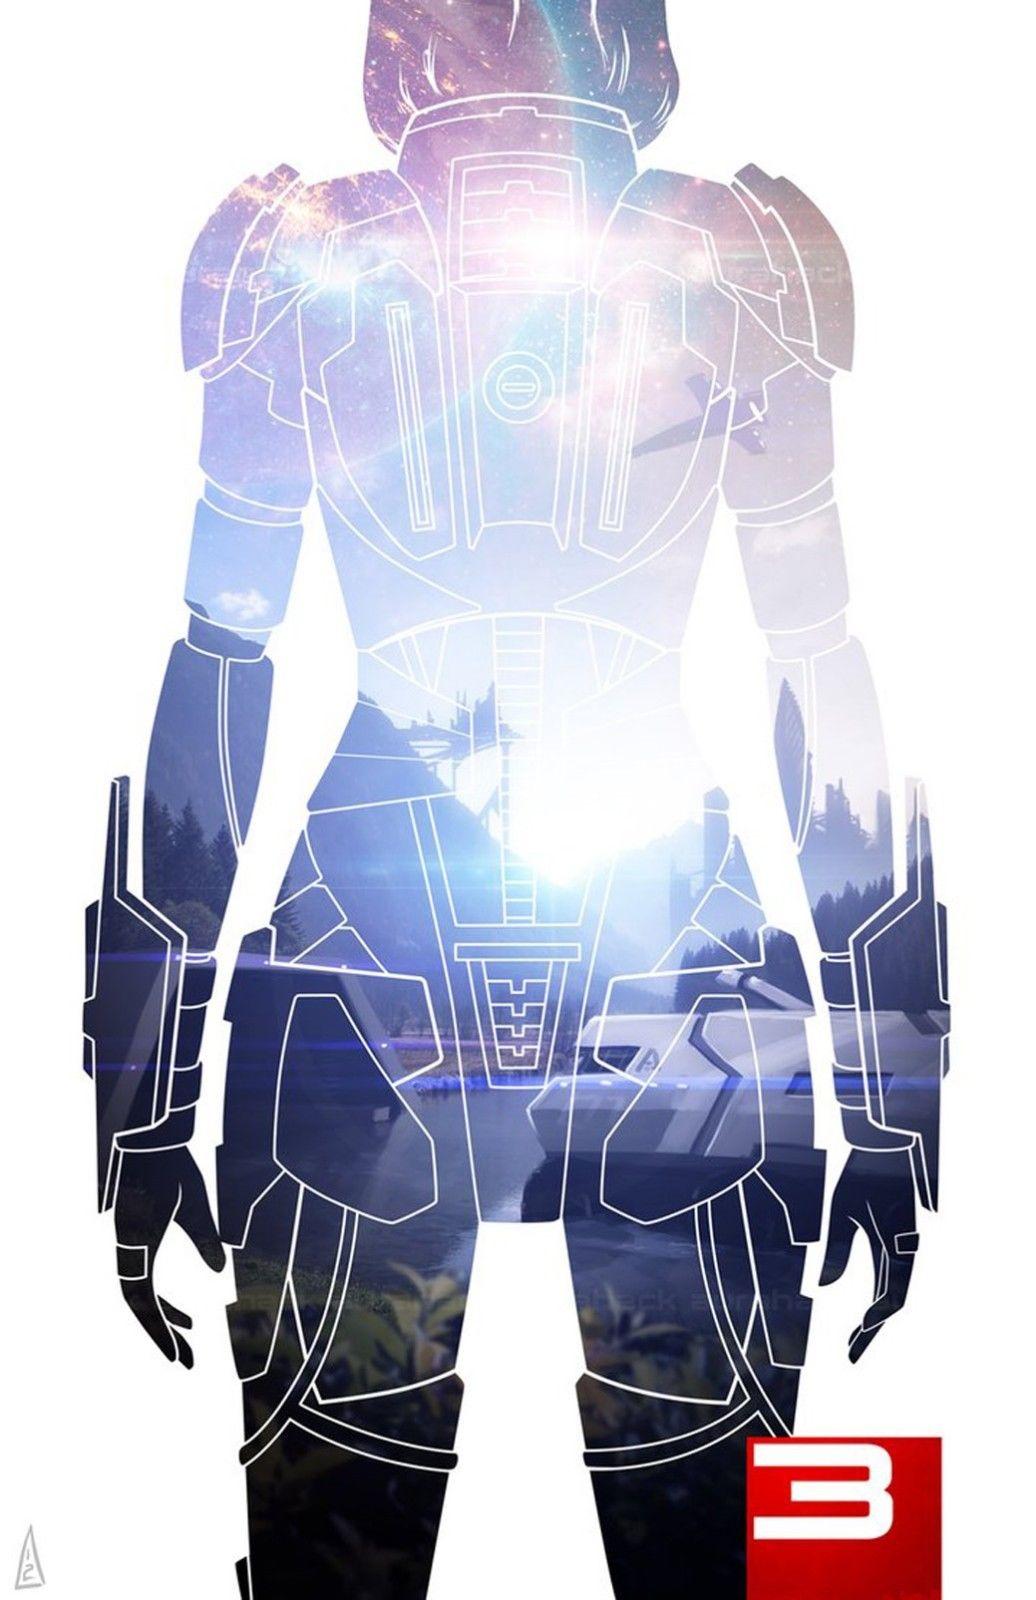 Mass Effect 3 4 Game Space War Fabric poster 36 x 24 Decor 139